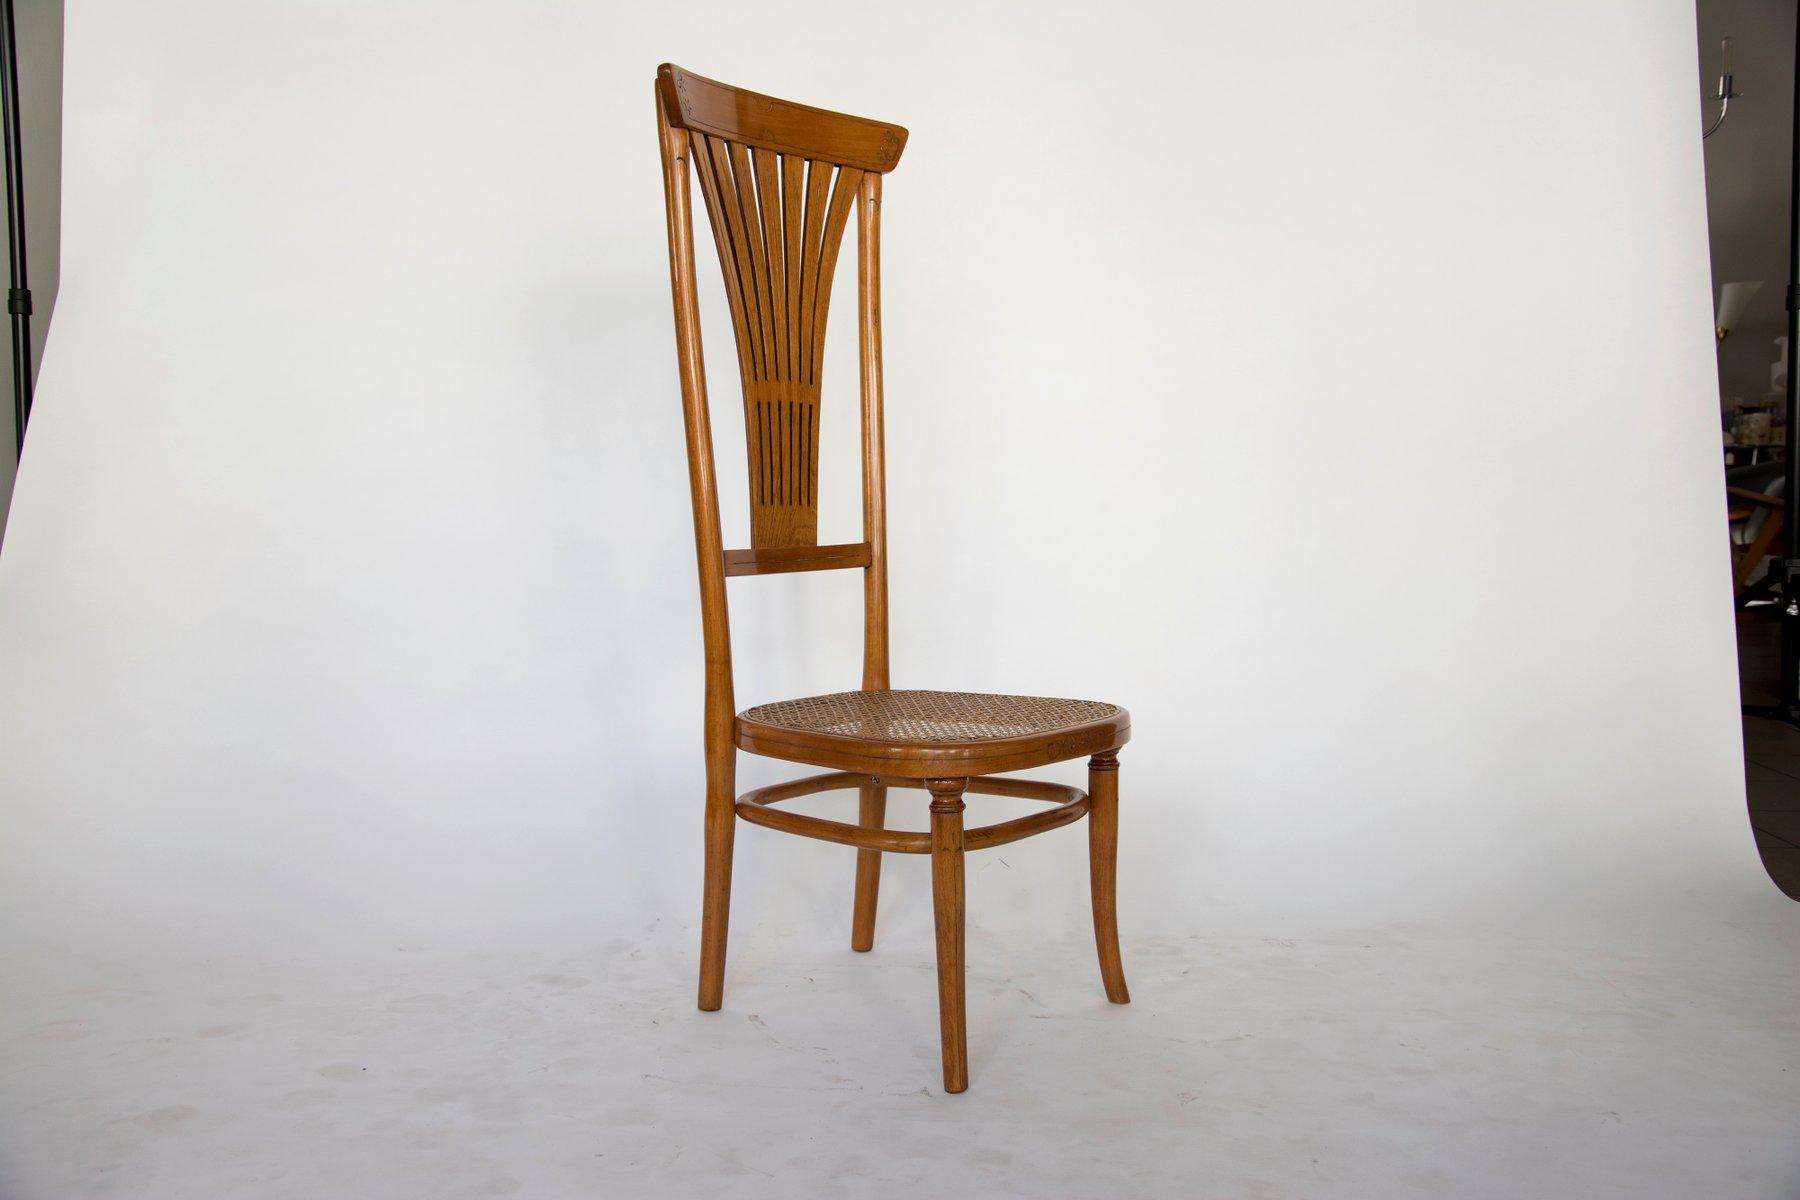 Sedia con schienale alto di thonet 1916 in vendita su pamono - Sedia thonet originale ...